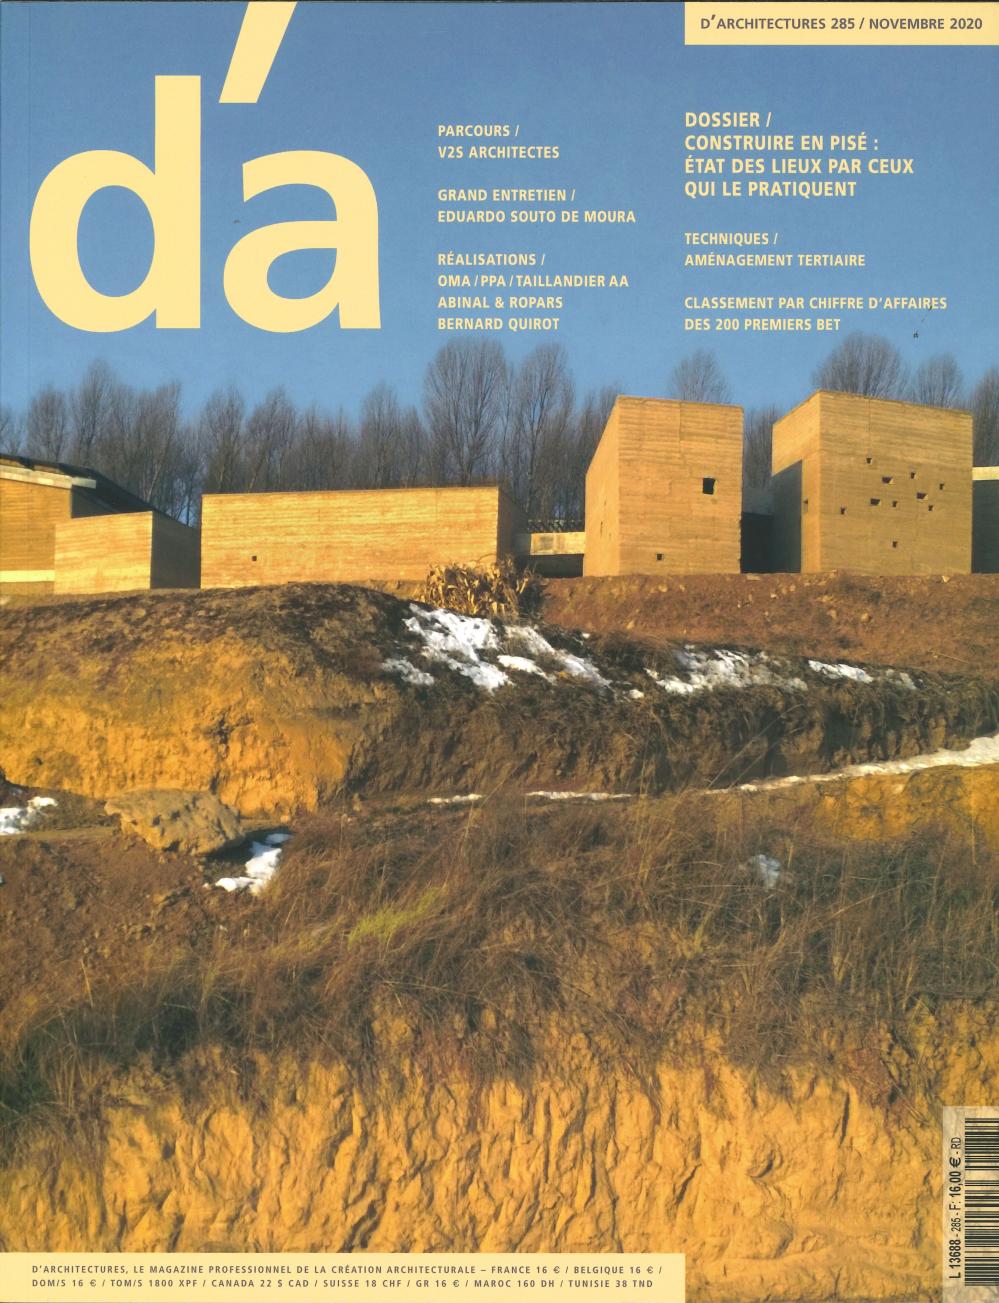 D'ARCHITECTURES N 285 - NOVEMBRE 2020